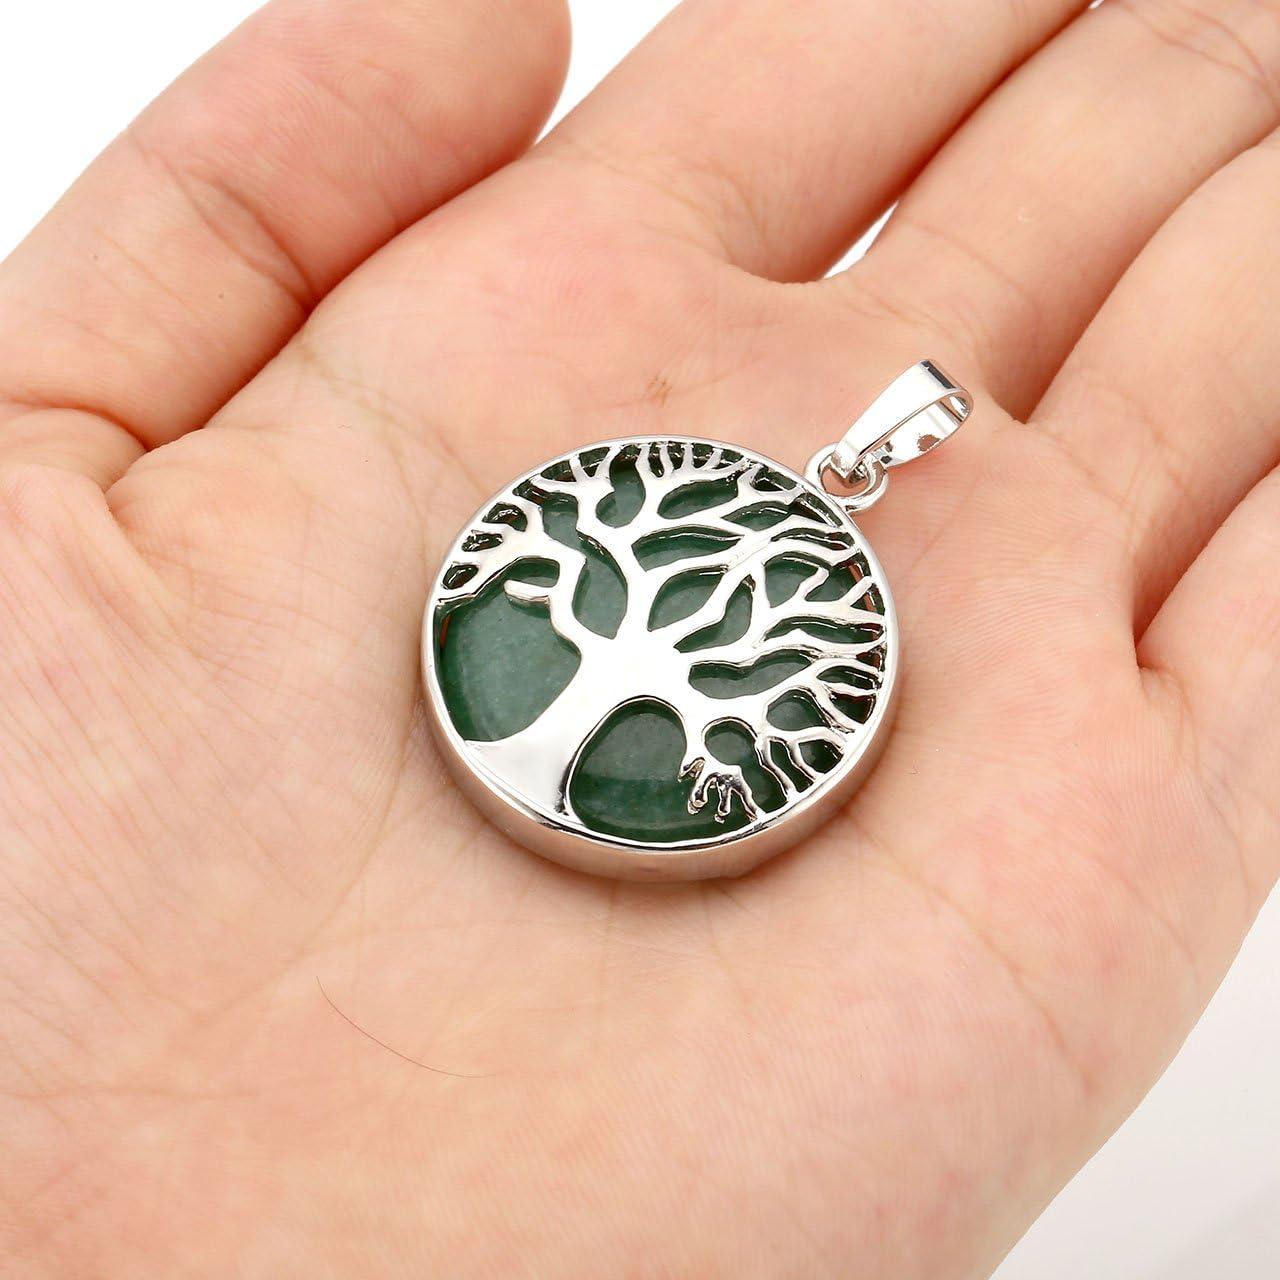 gemme pendentif arbre de vie pour femme bracelet en cristal collier Jovivi Parure de bijoux Reiki avec breloque